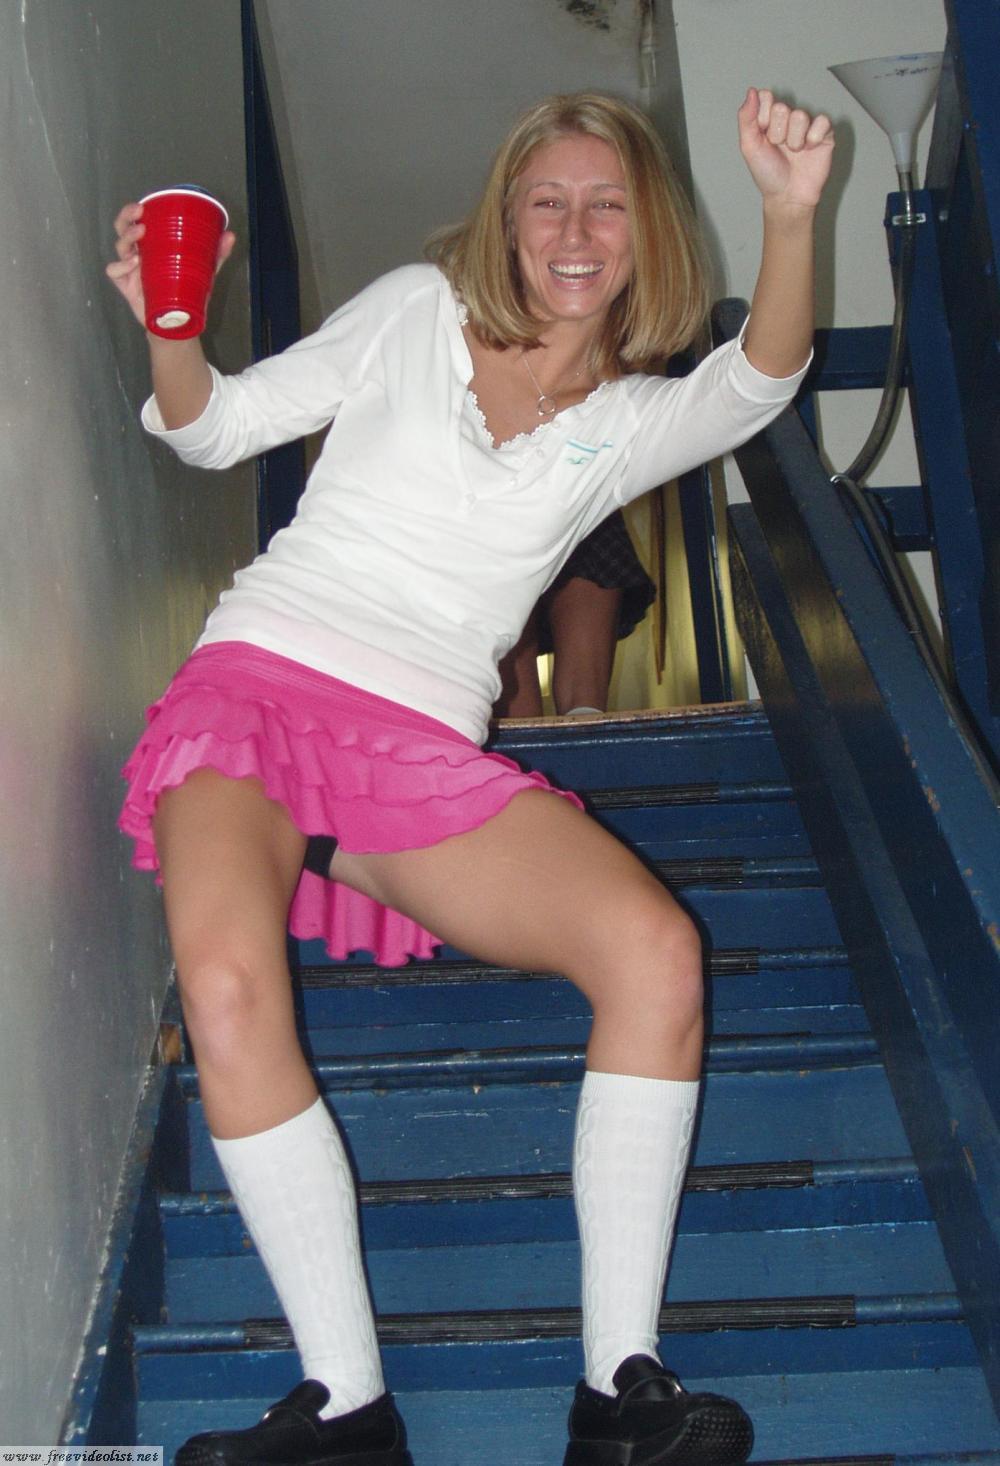 Bailando en la escalera